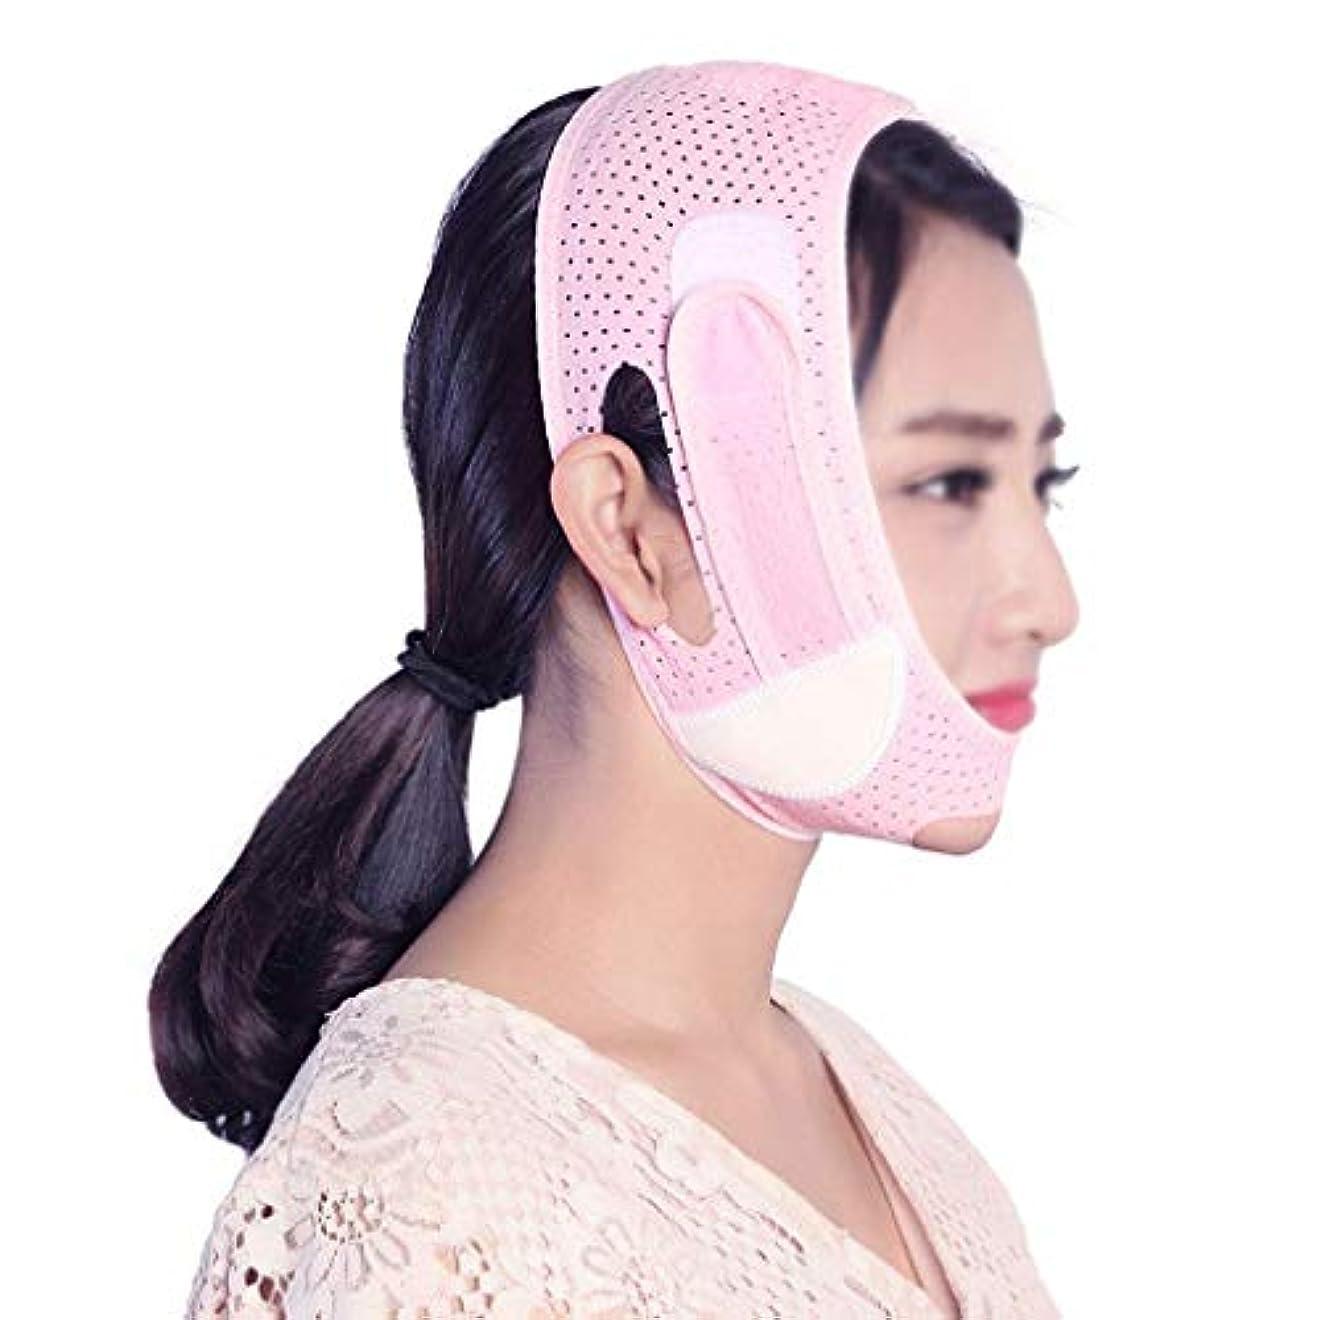 腹部胆嚢可能性フェイスリフトマスク、スモールVフェイスバンデージシェーピングマスクリフトフェイスファーミングアーティファクトによるダブルチンの削減